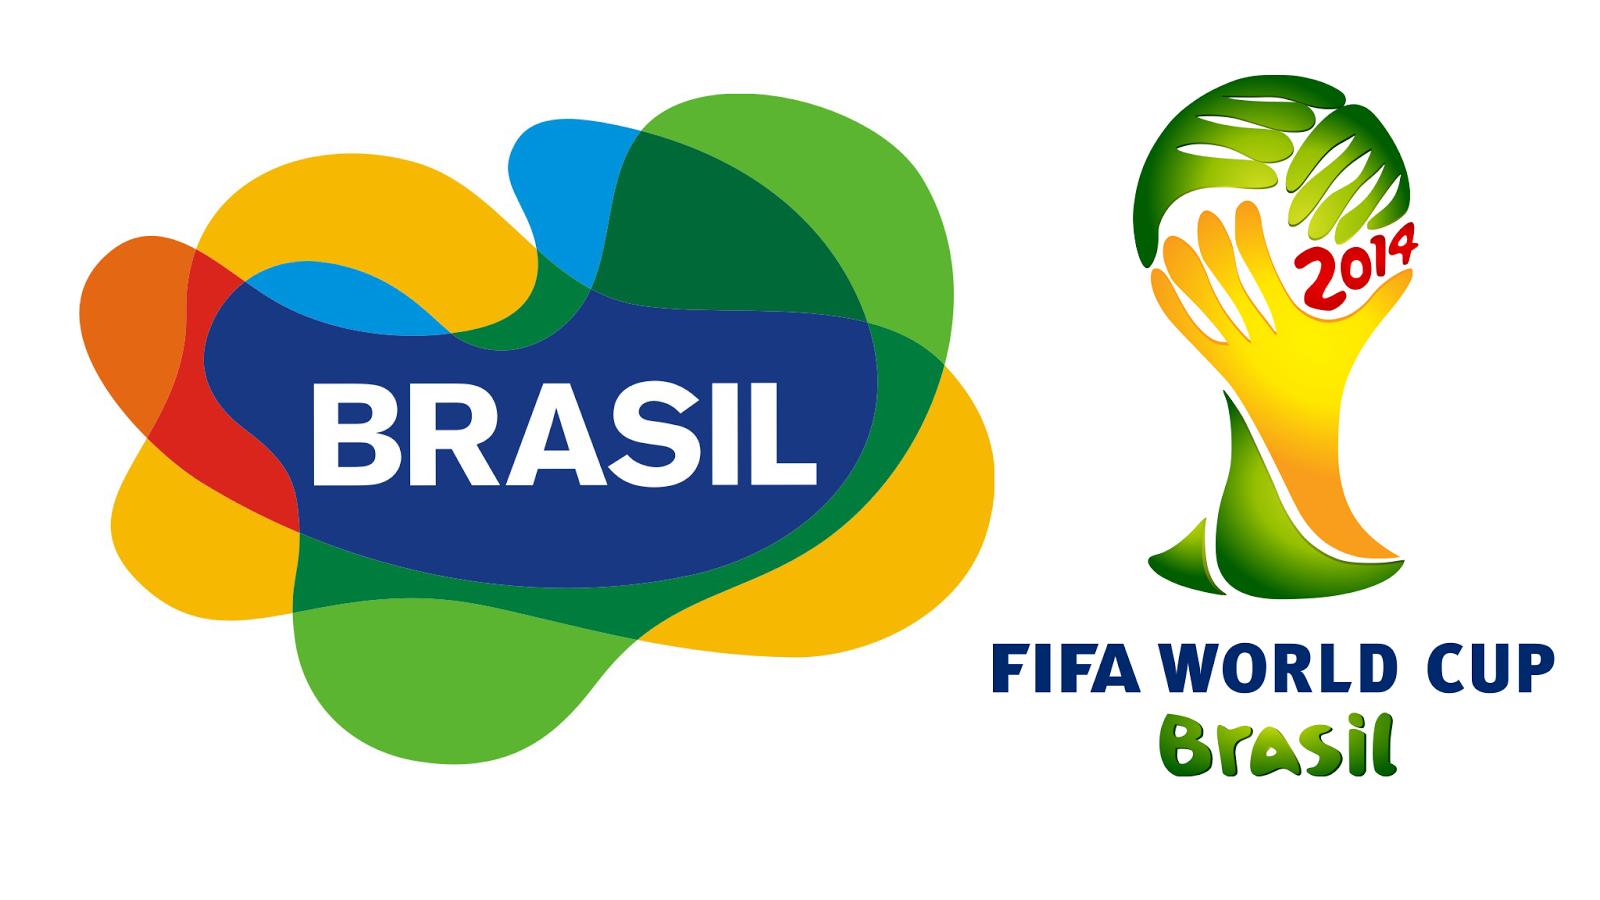 High Resolution Wallpaper | Fifa World Cup Brazil 2014 1600x900 px